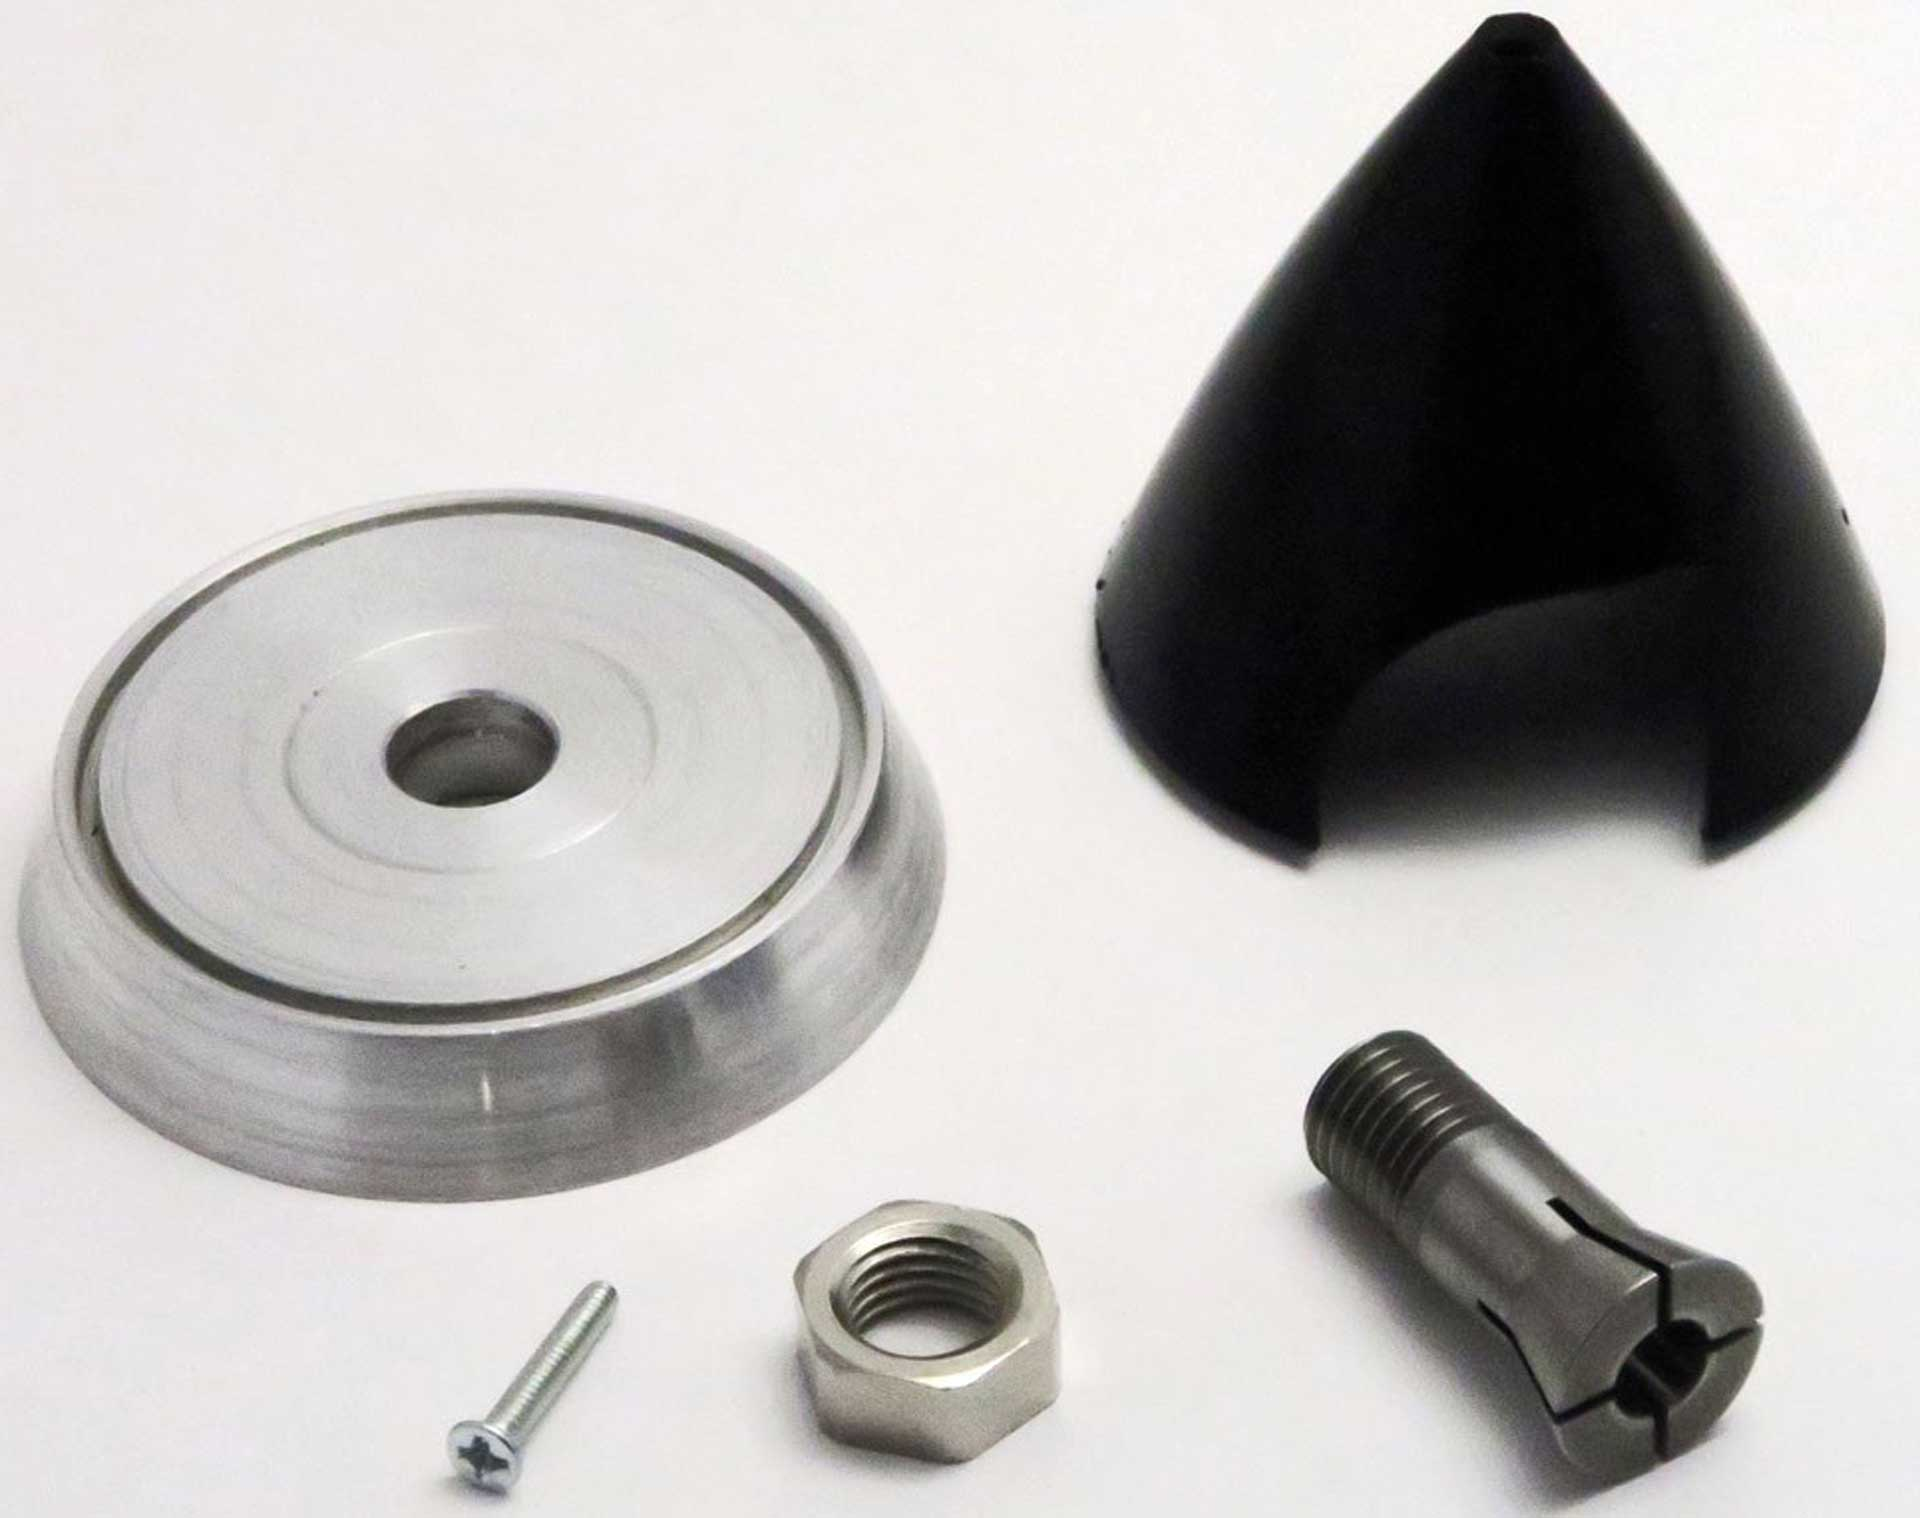 Super cône de précision  38/5,0 mm porte pales en métal  8mm pas